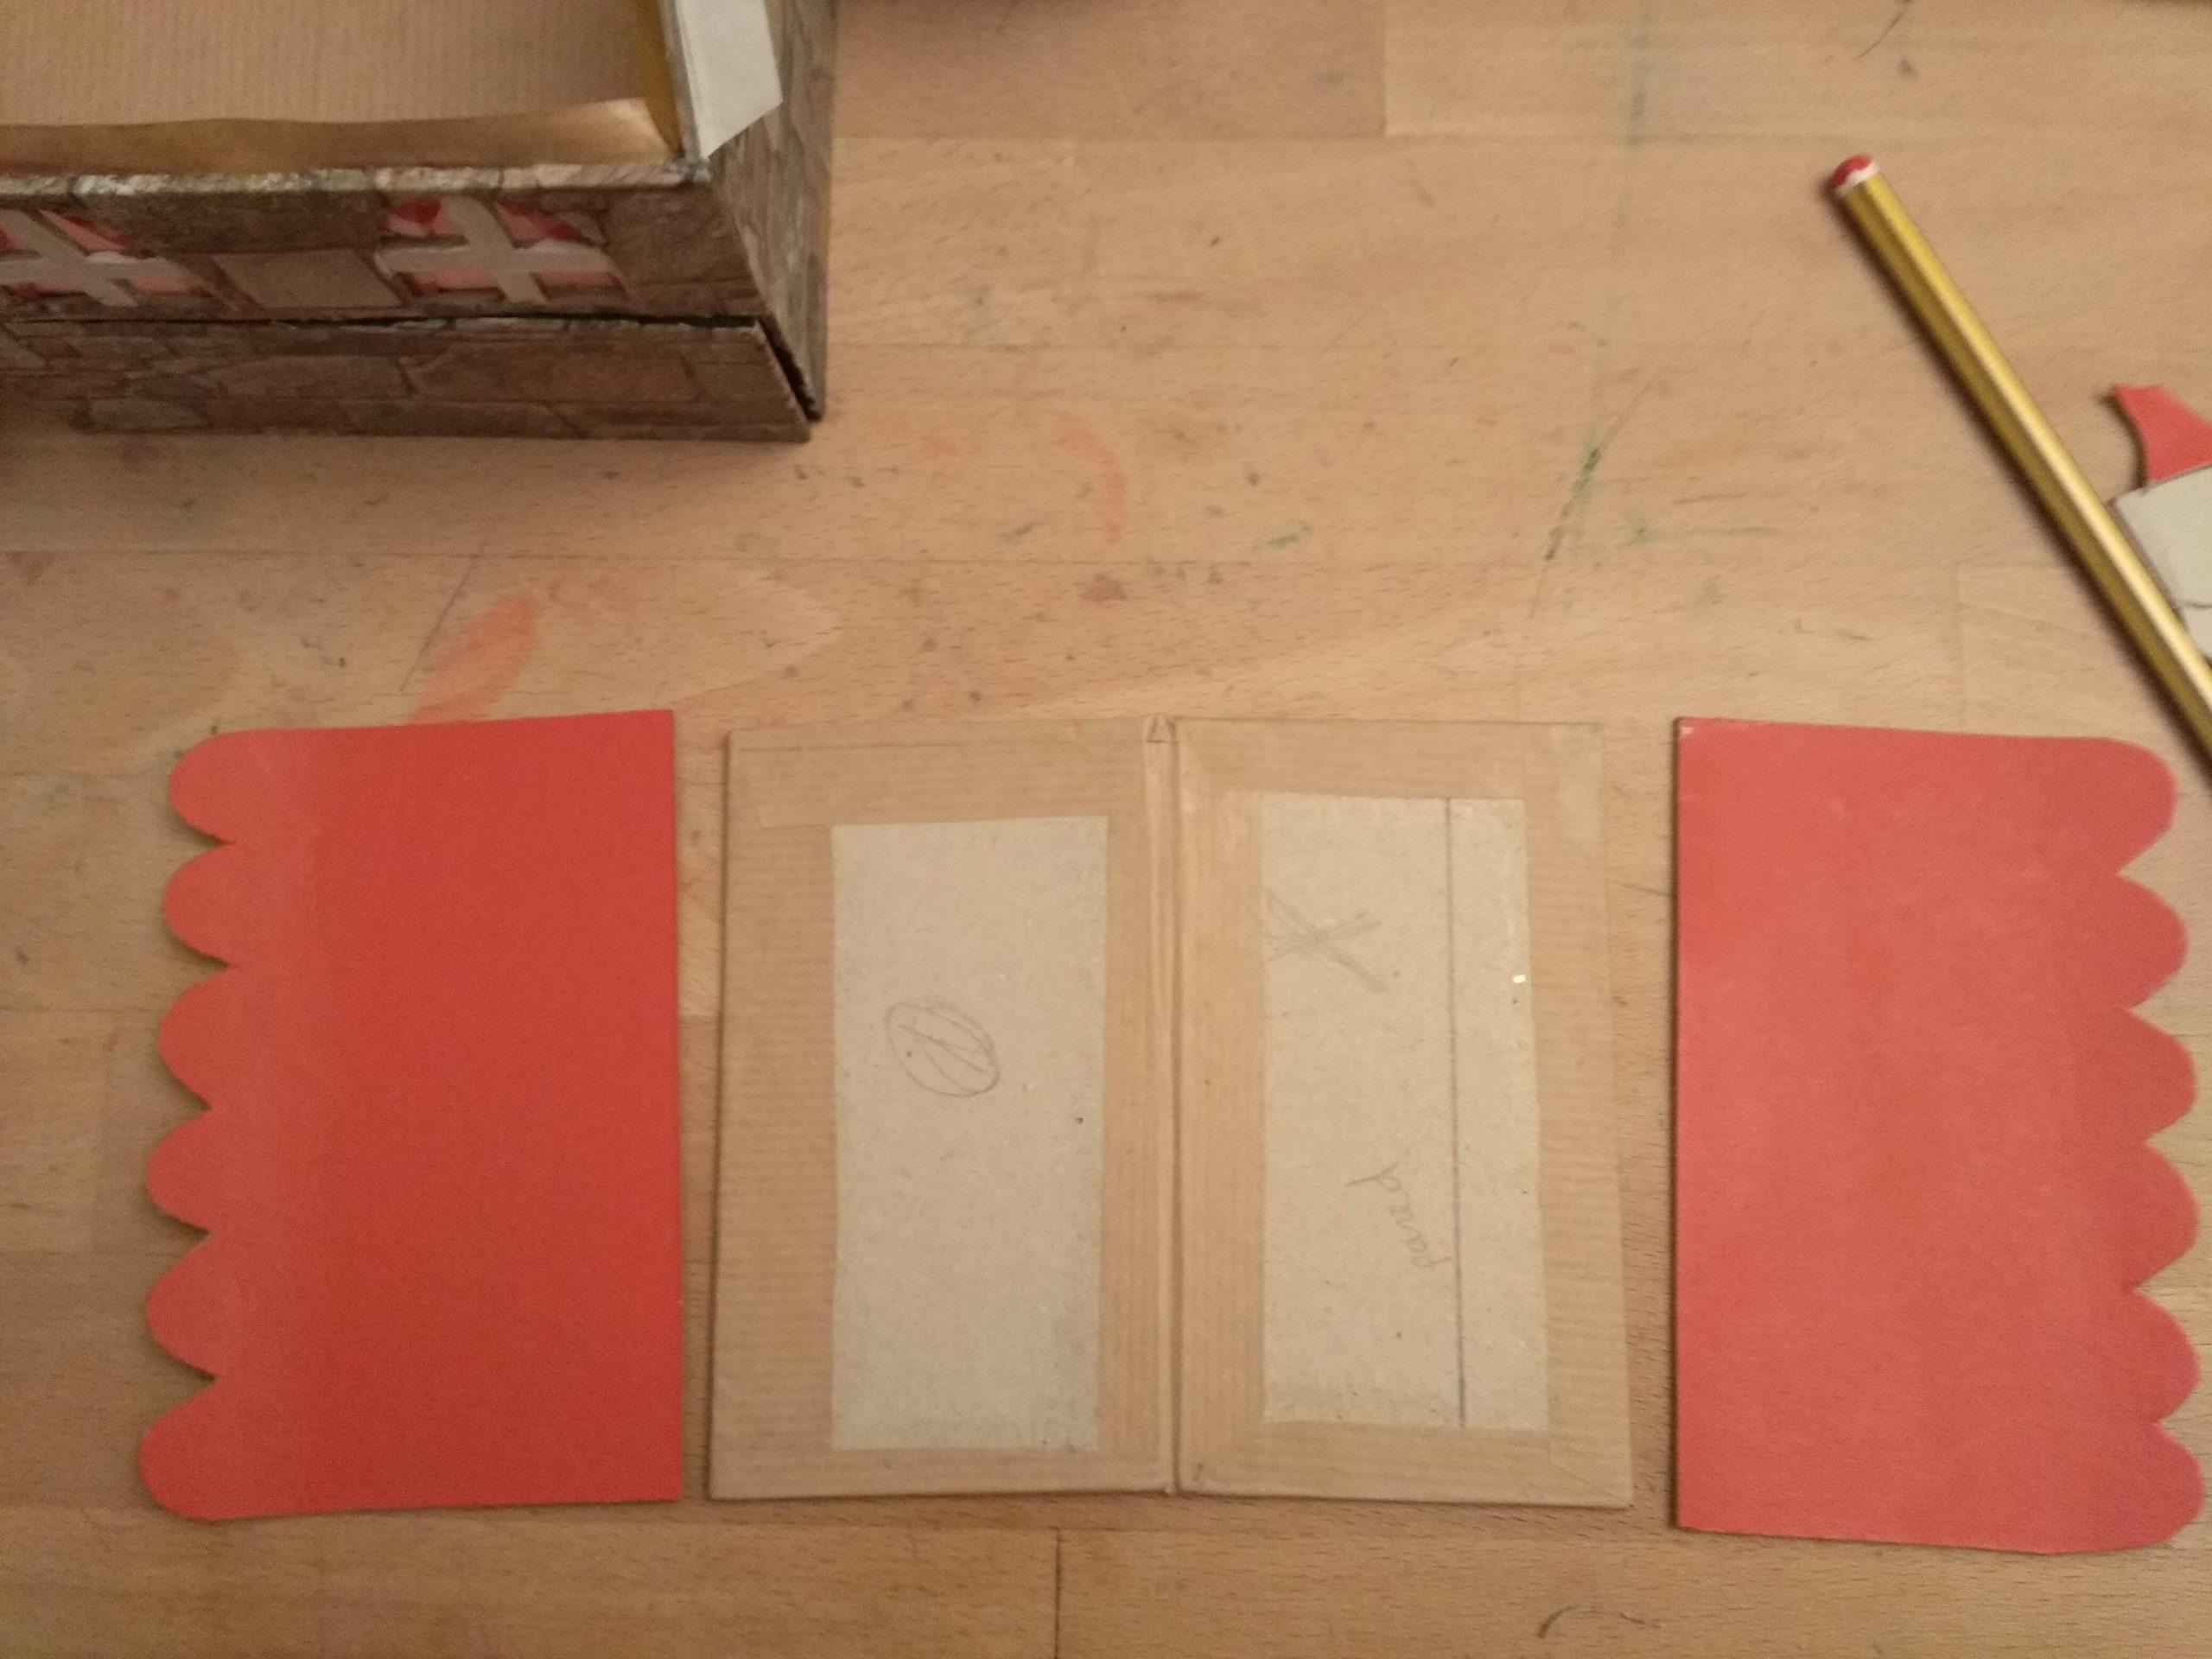 Las cuatro piezas que forman el tejado: las interiores con la bisagra ya creada, y la exteriores pintadas de rojo